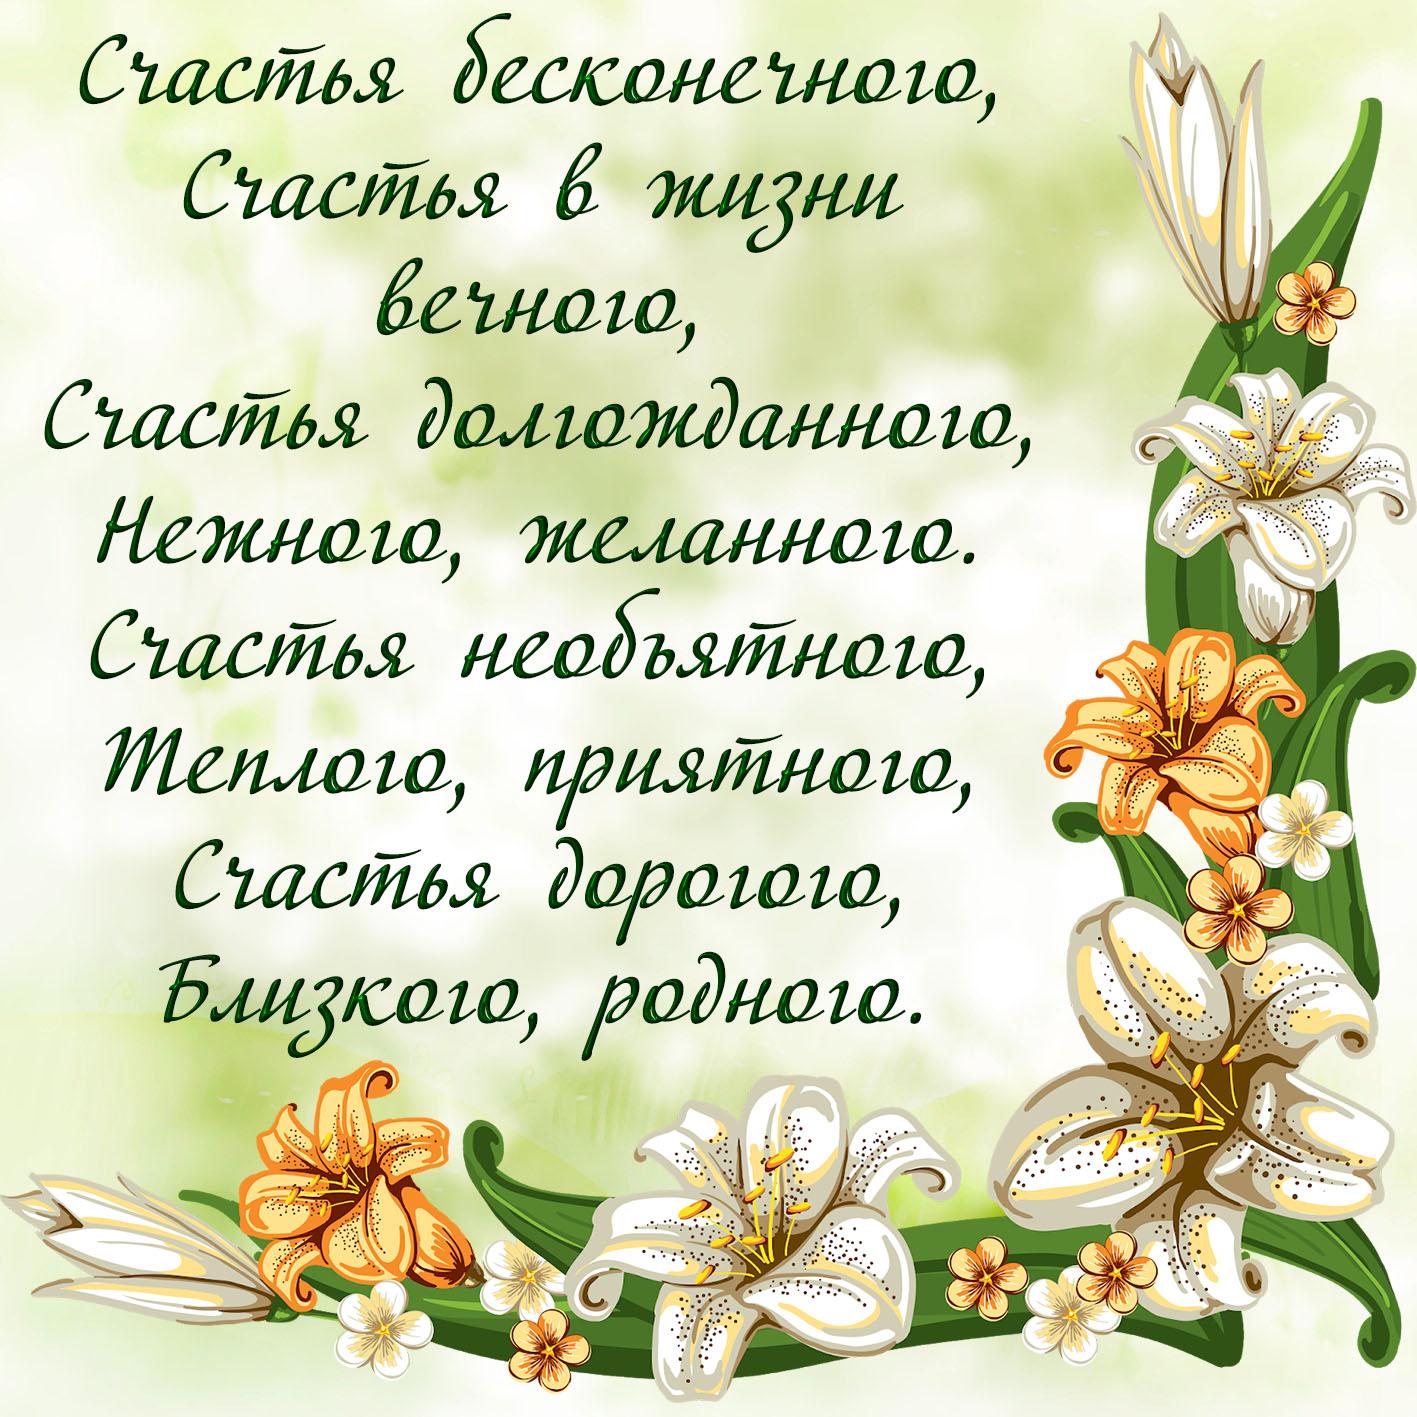 Открытка - красивое пожелание счастья в стихах